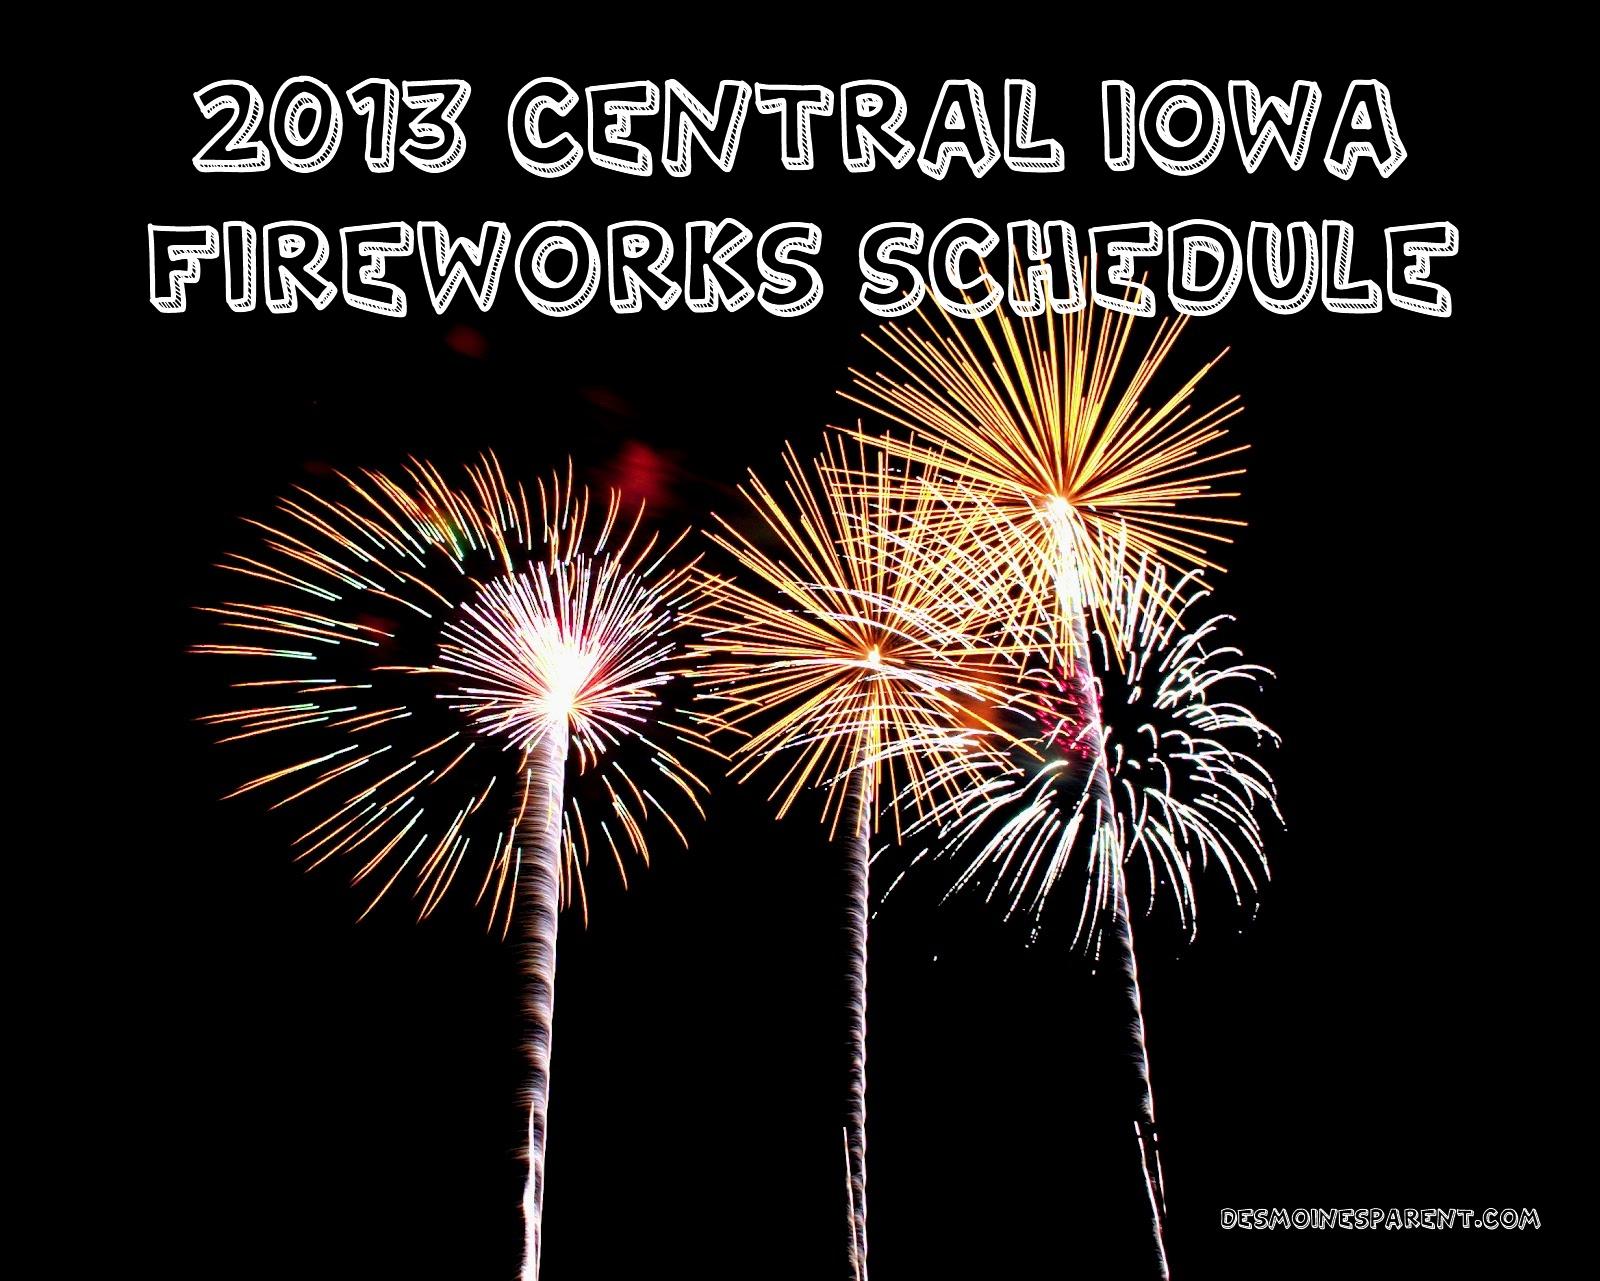 2013 Central Iowa Fireworks Schedule